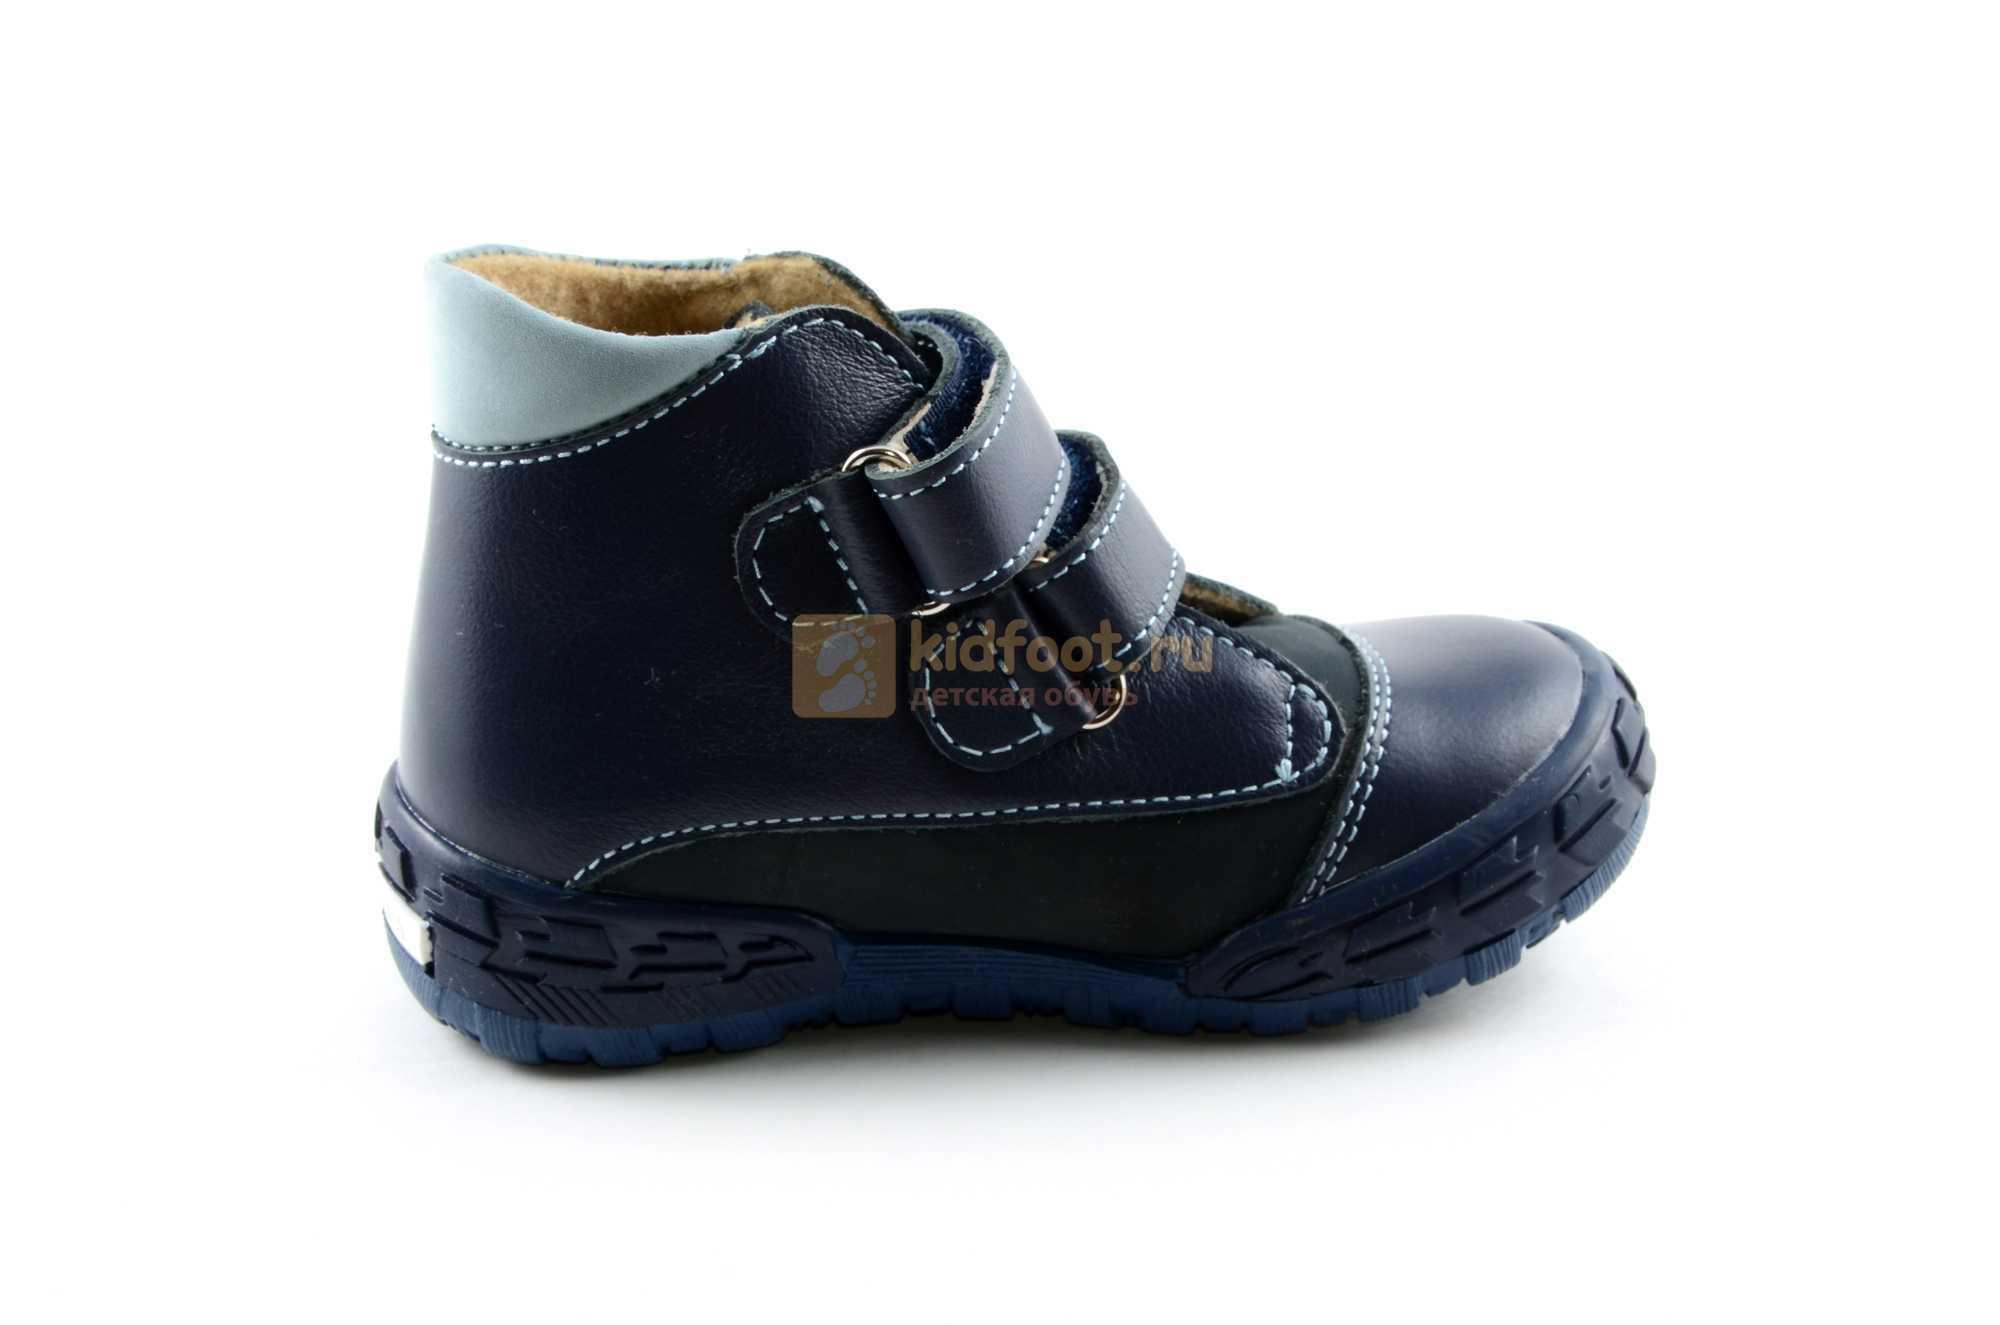 Ботинки Тотто из натуральной кожи демисезонные на байке для мальчиков, цвет темно-синий